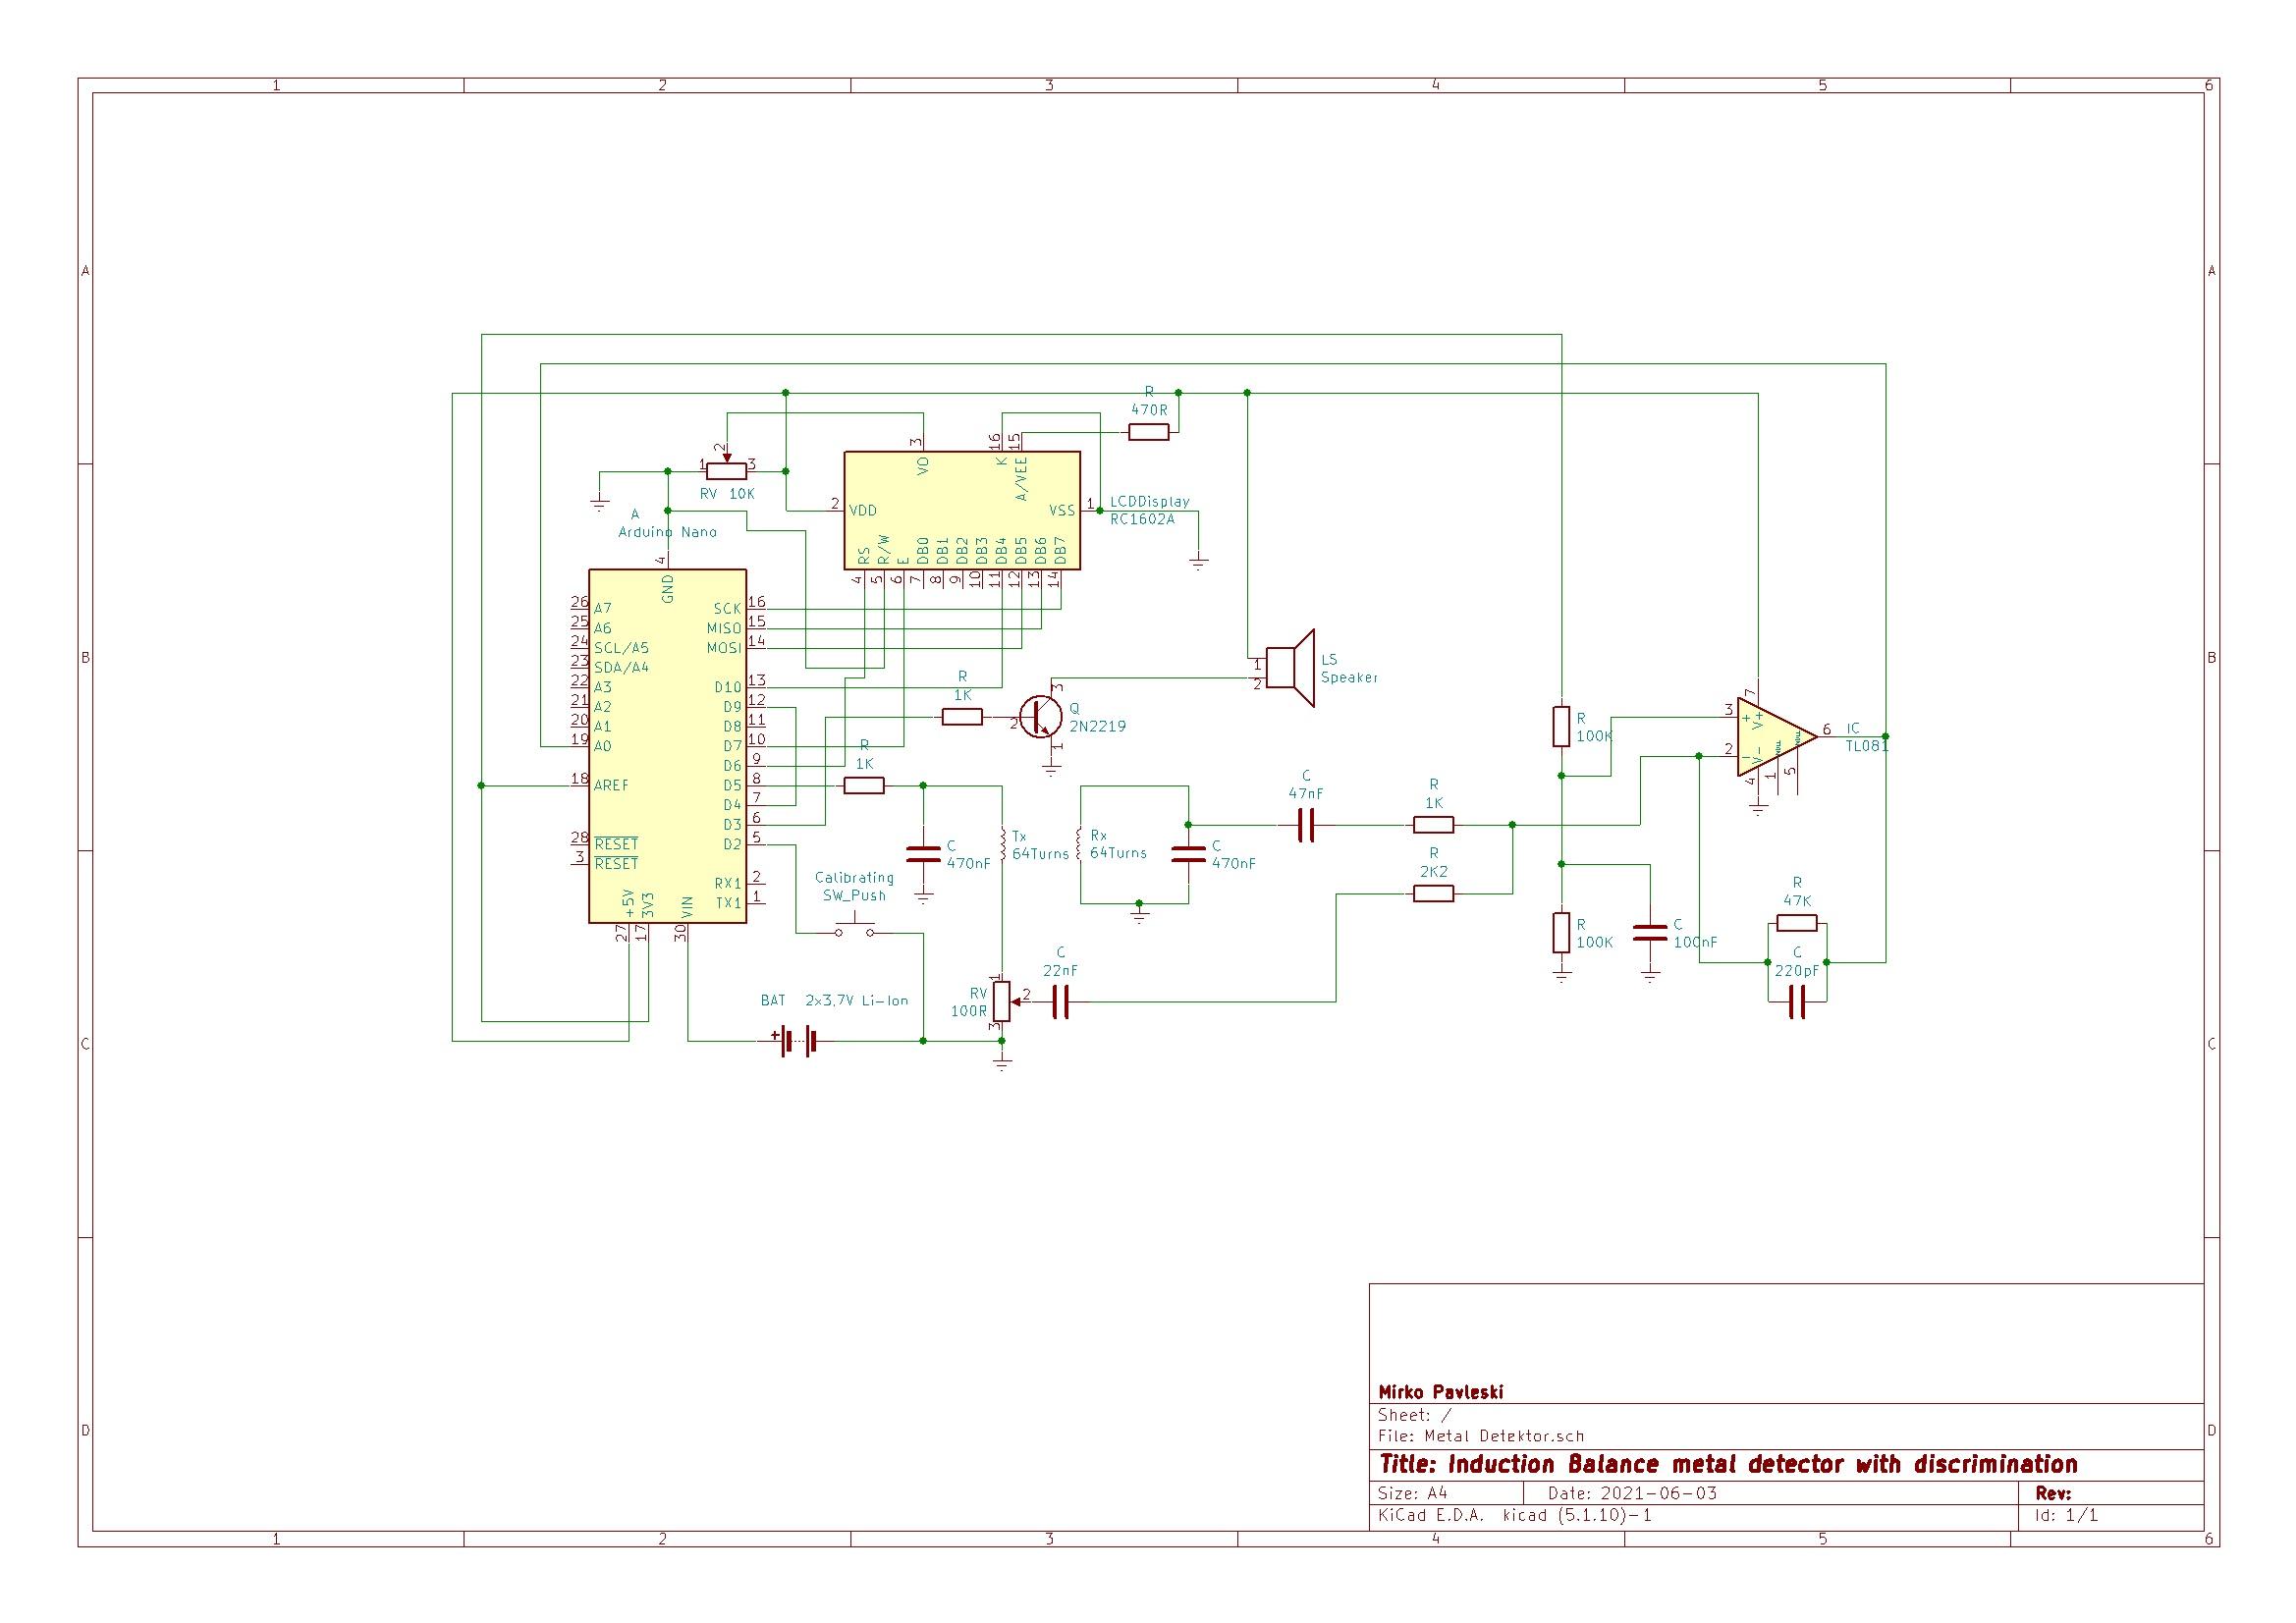 Схема металлоискателя на Arduino c дискриминацией металлов